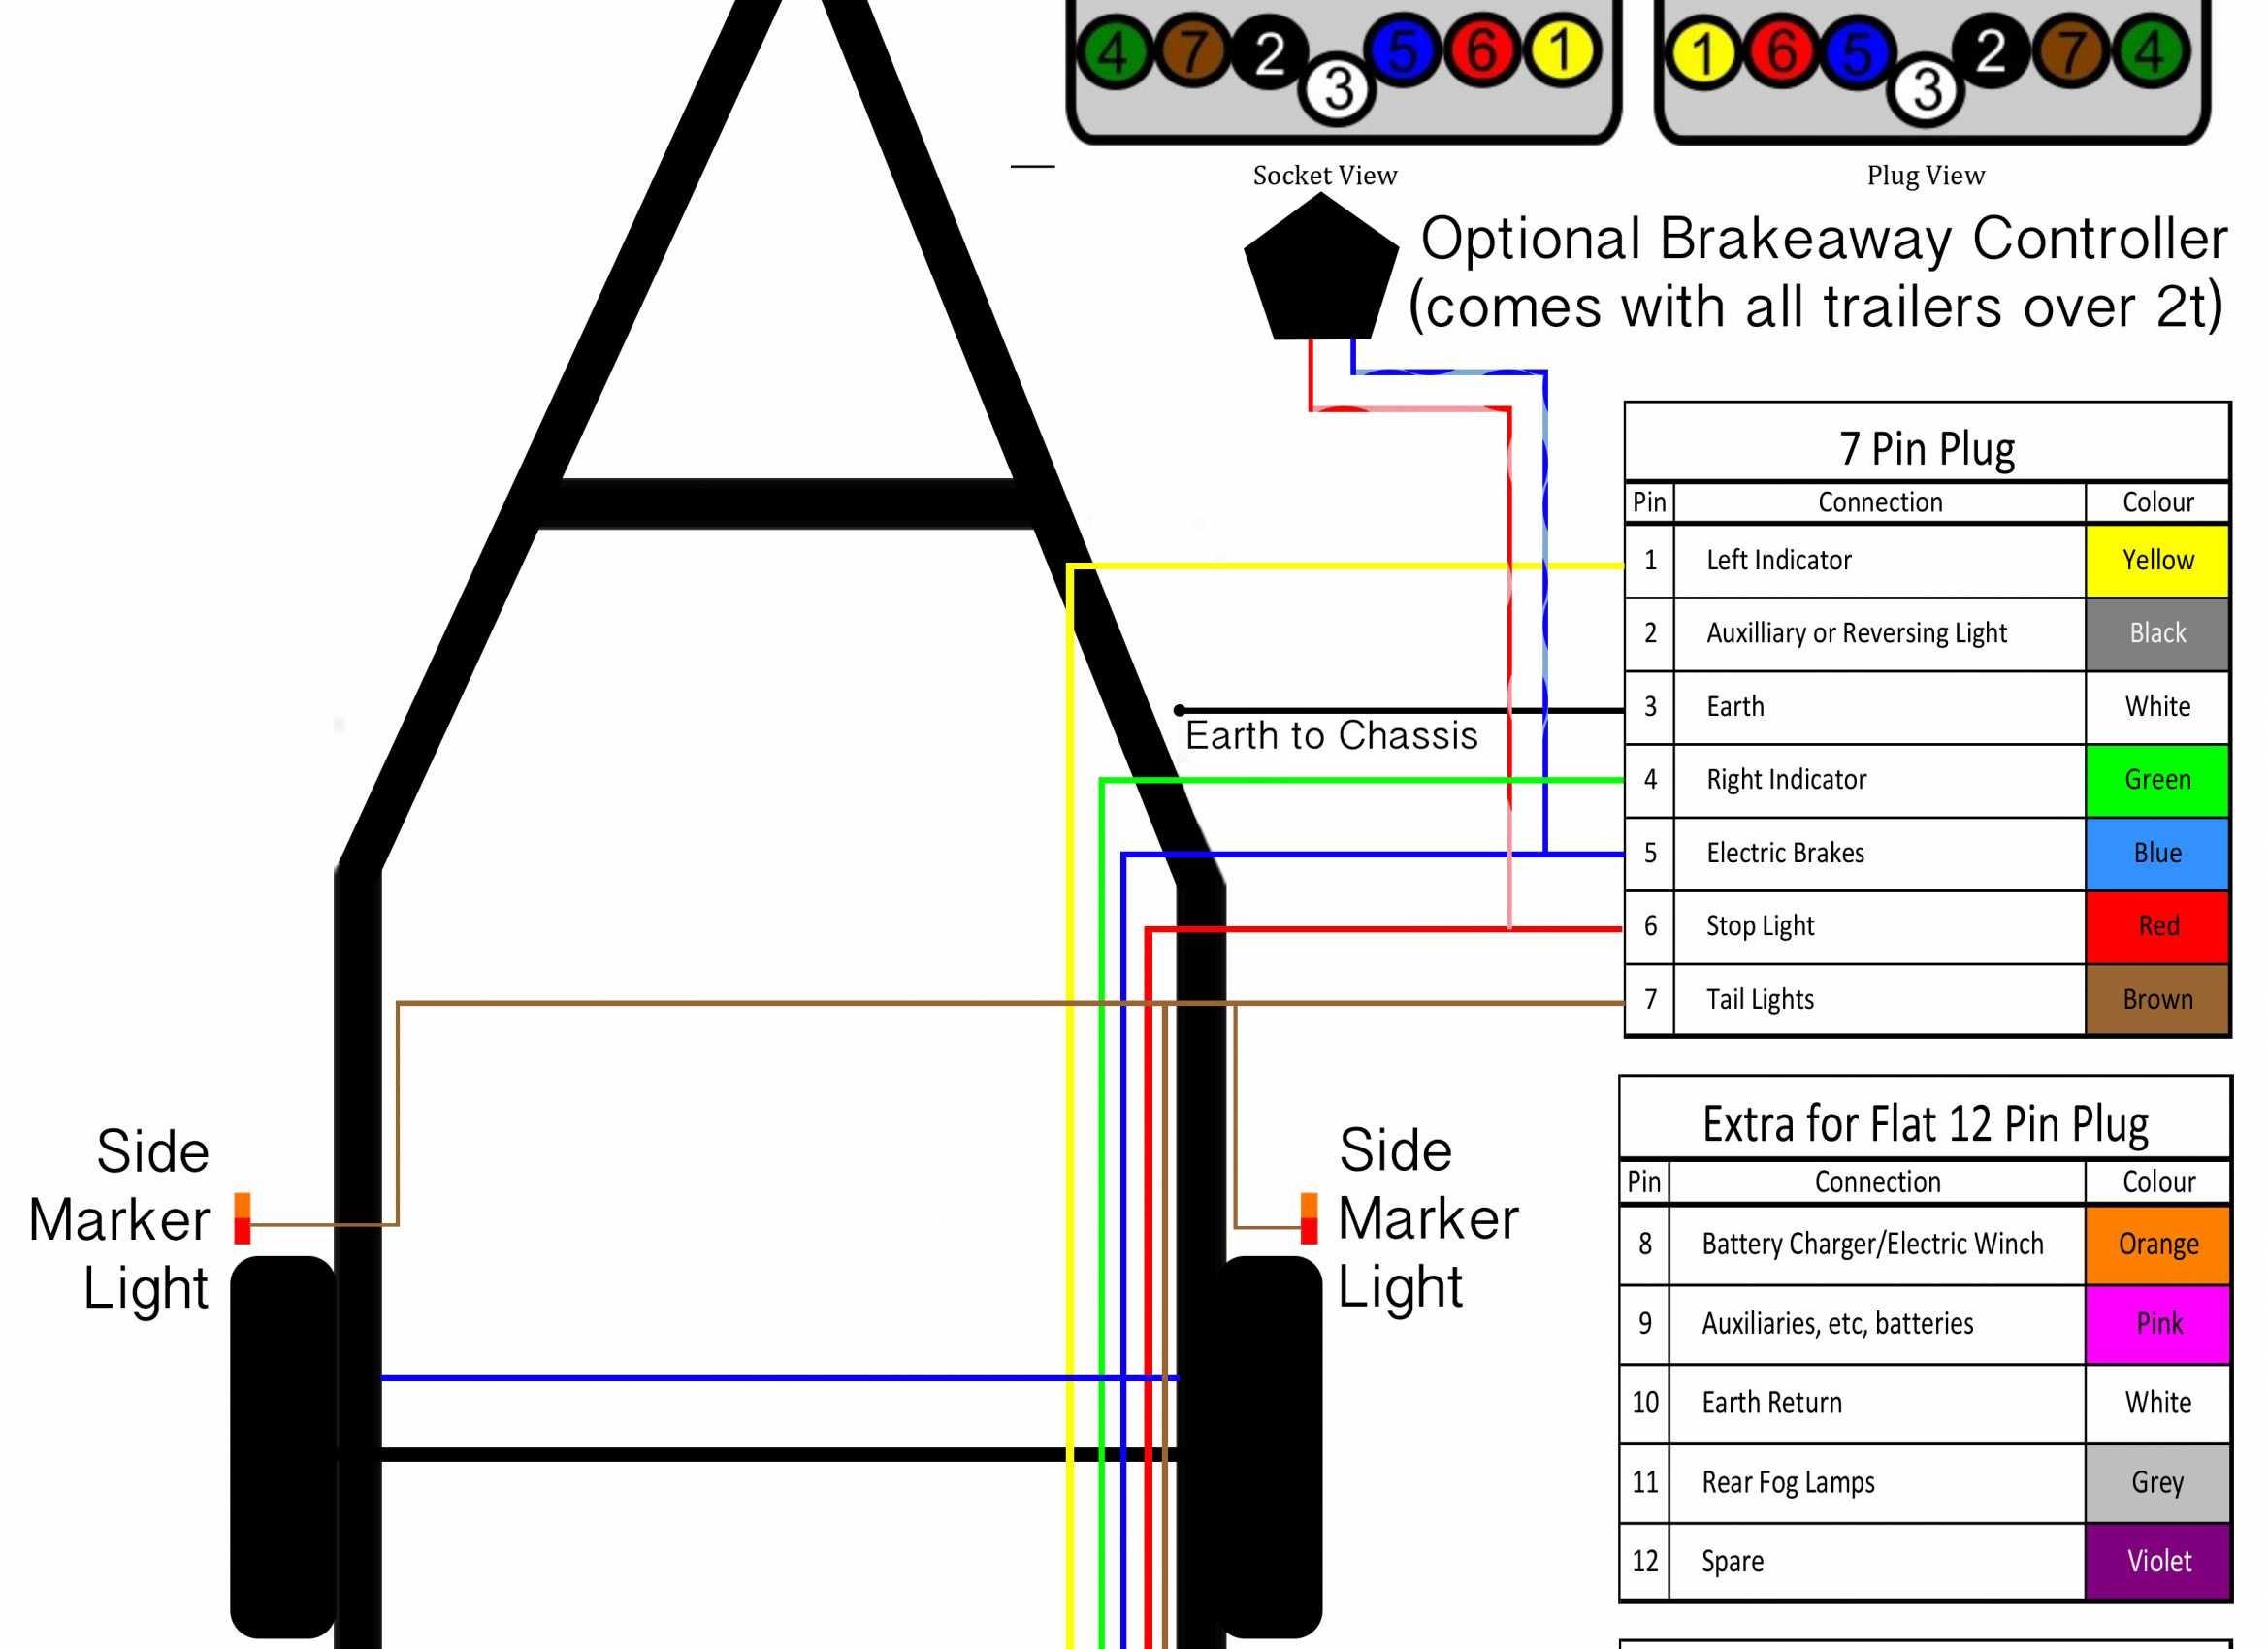 7 Pin Trailer Wiring Diagram Electric Brakes Reference How Much To - Trailer Wiring Diagram With Electric Brakes